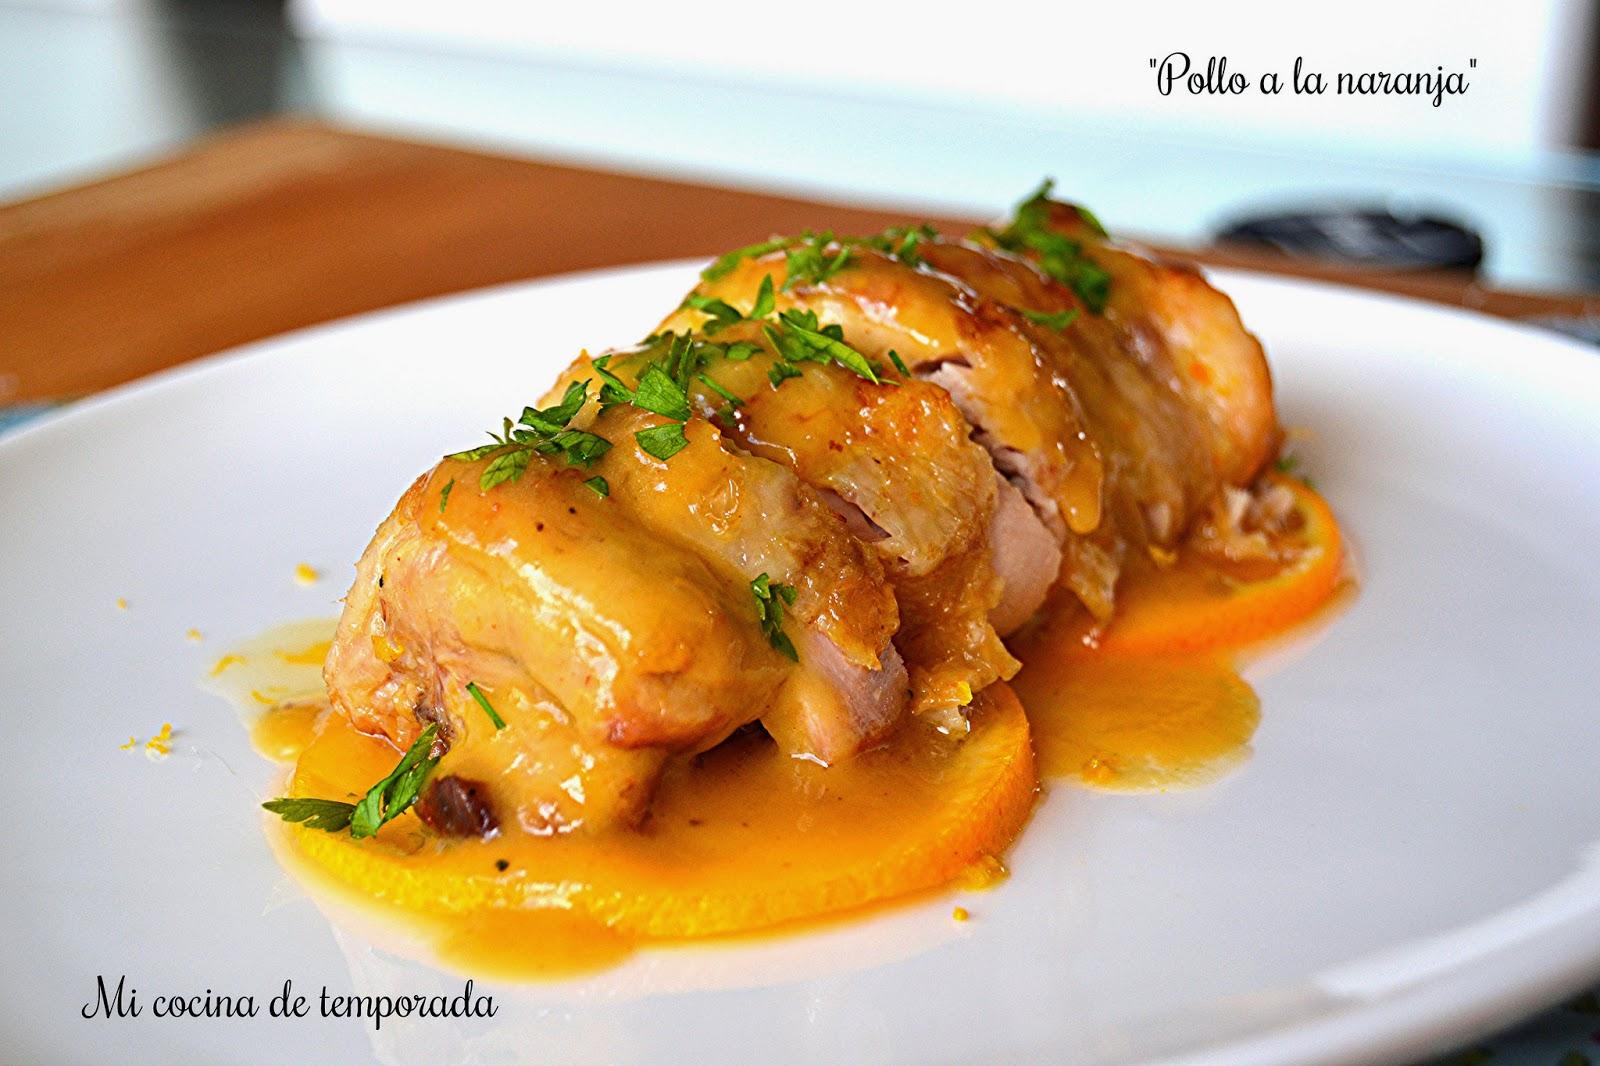 Pollo a la naranja receta ligera mi cocina de temporada for Cocinar 2 muslos de pollo